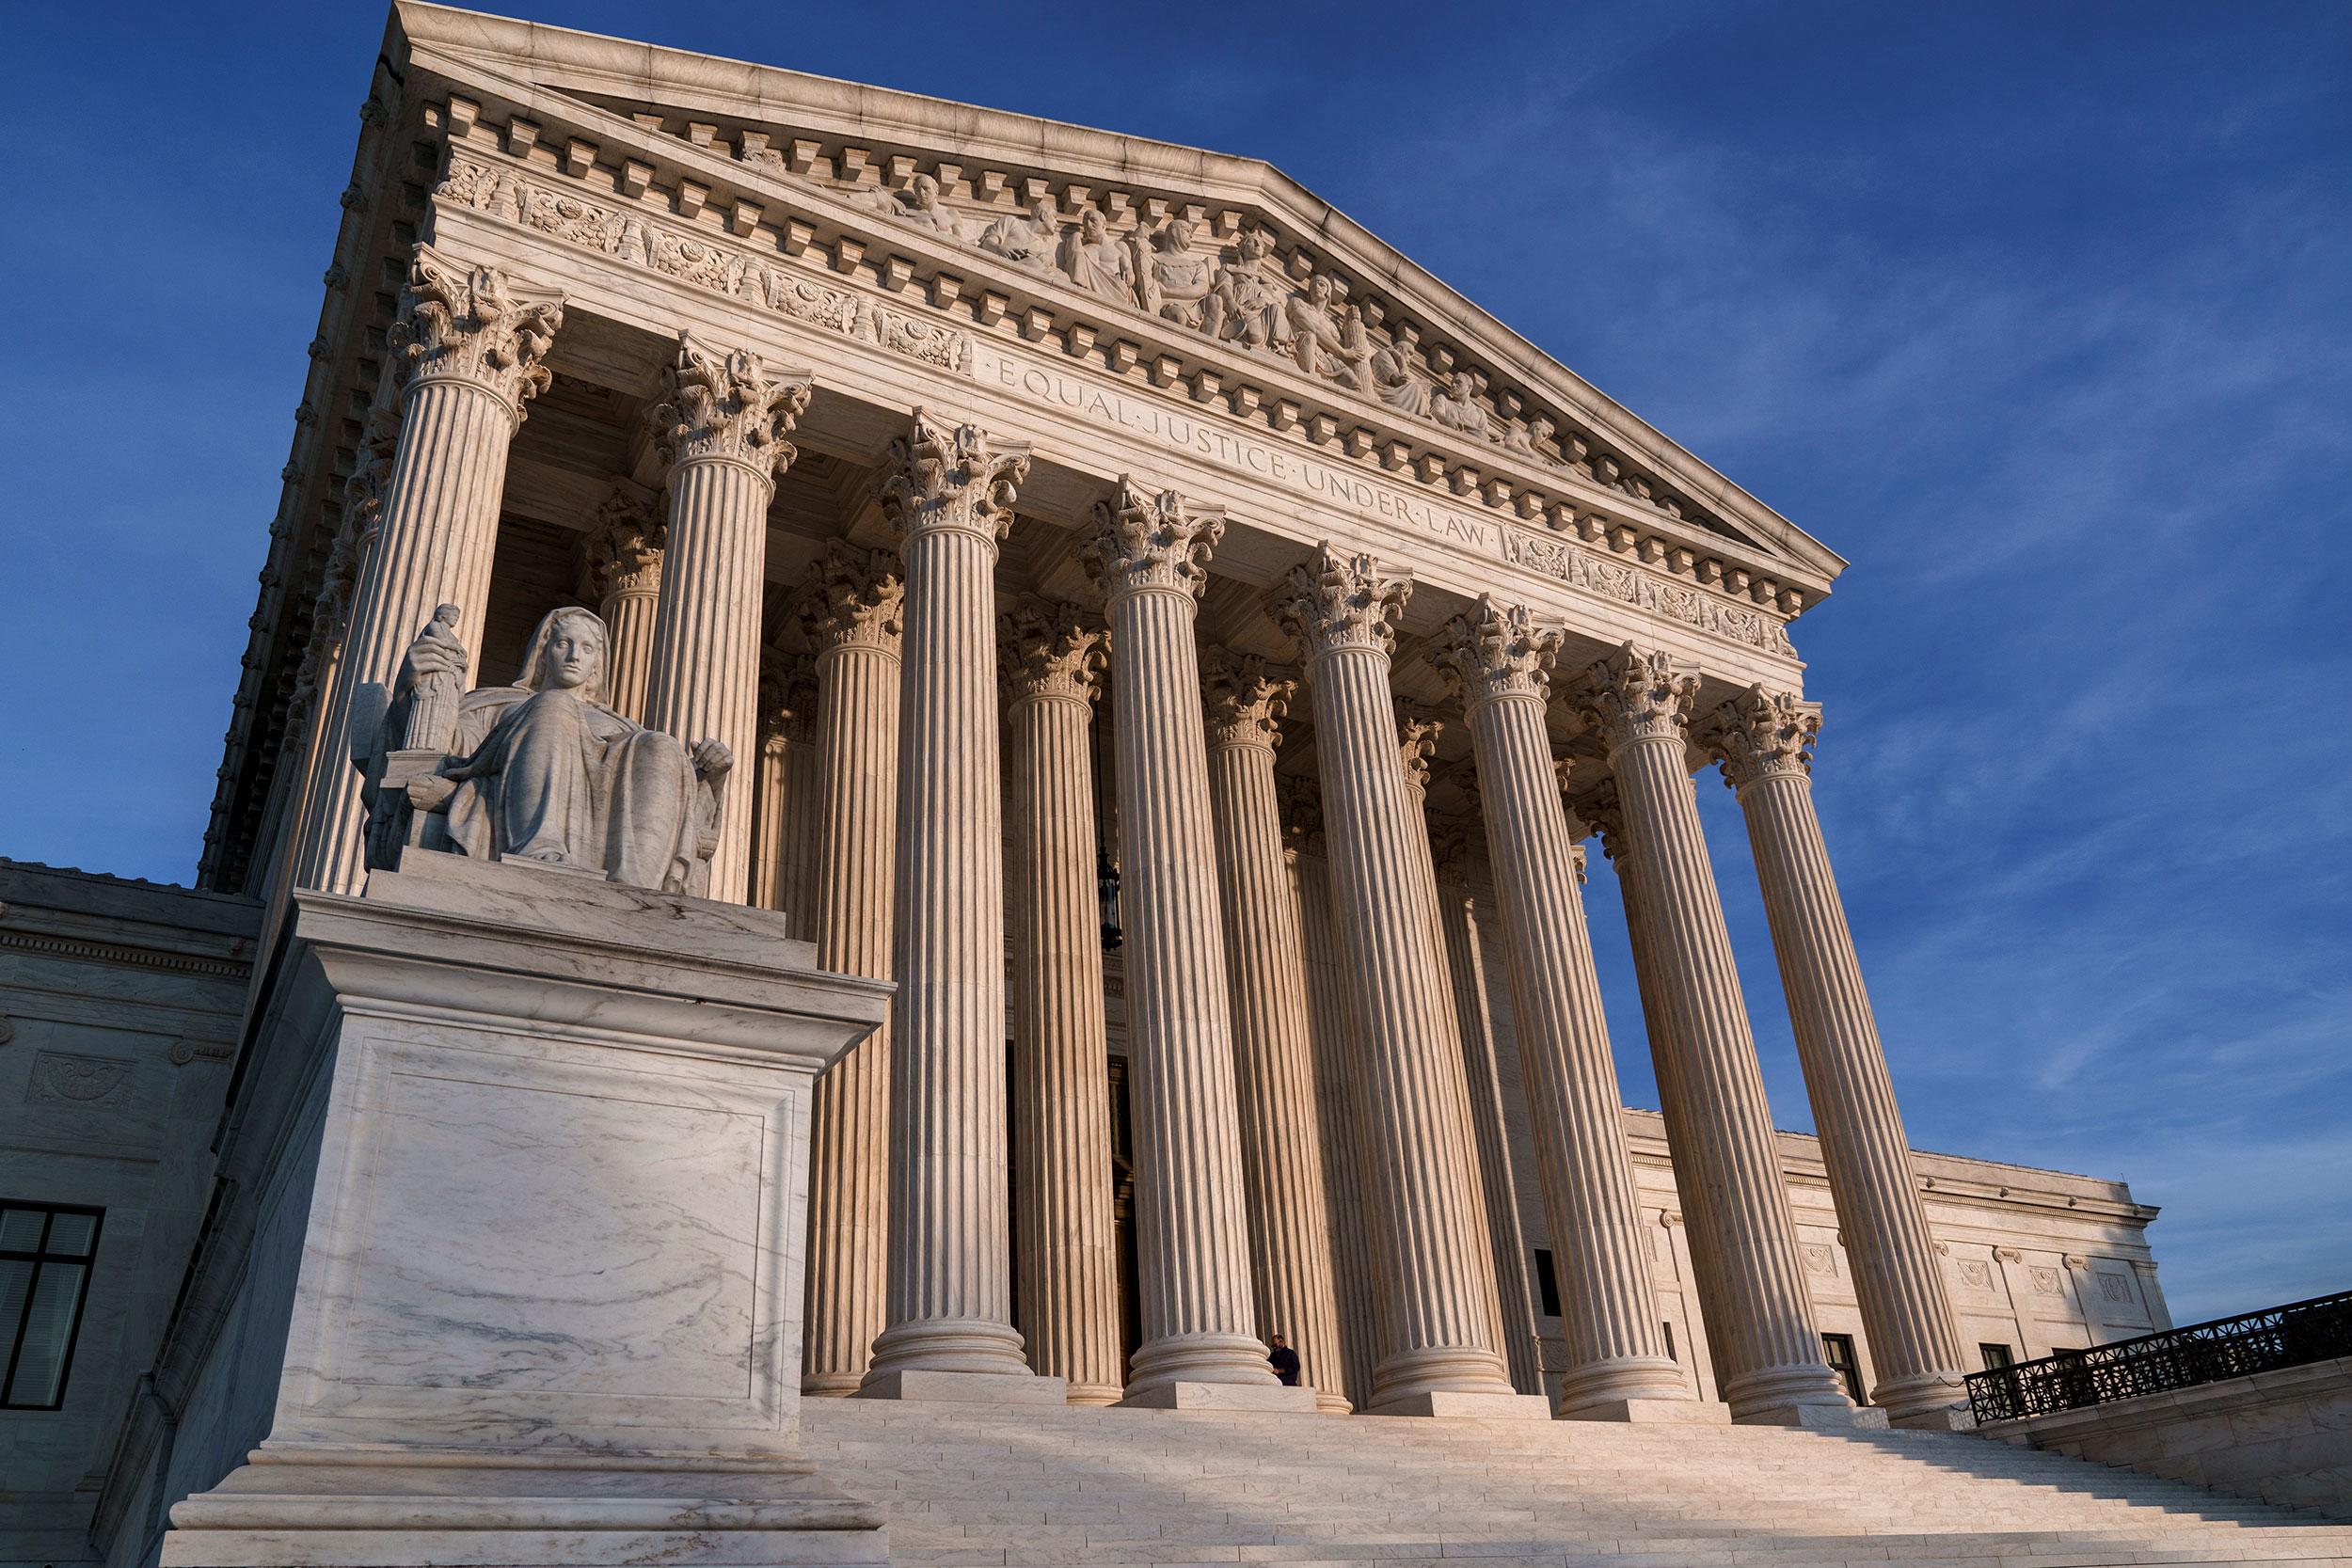 La Corte Suprema no está siendo evacuada